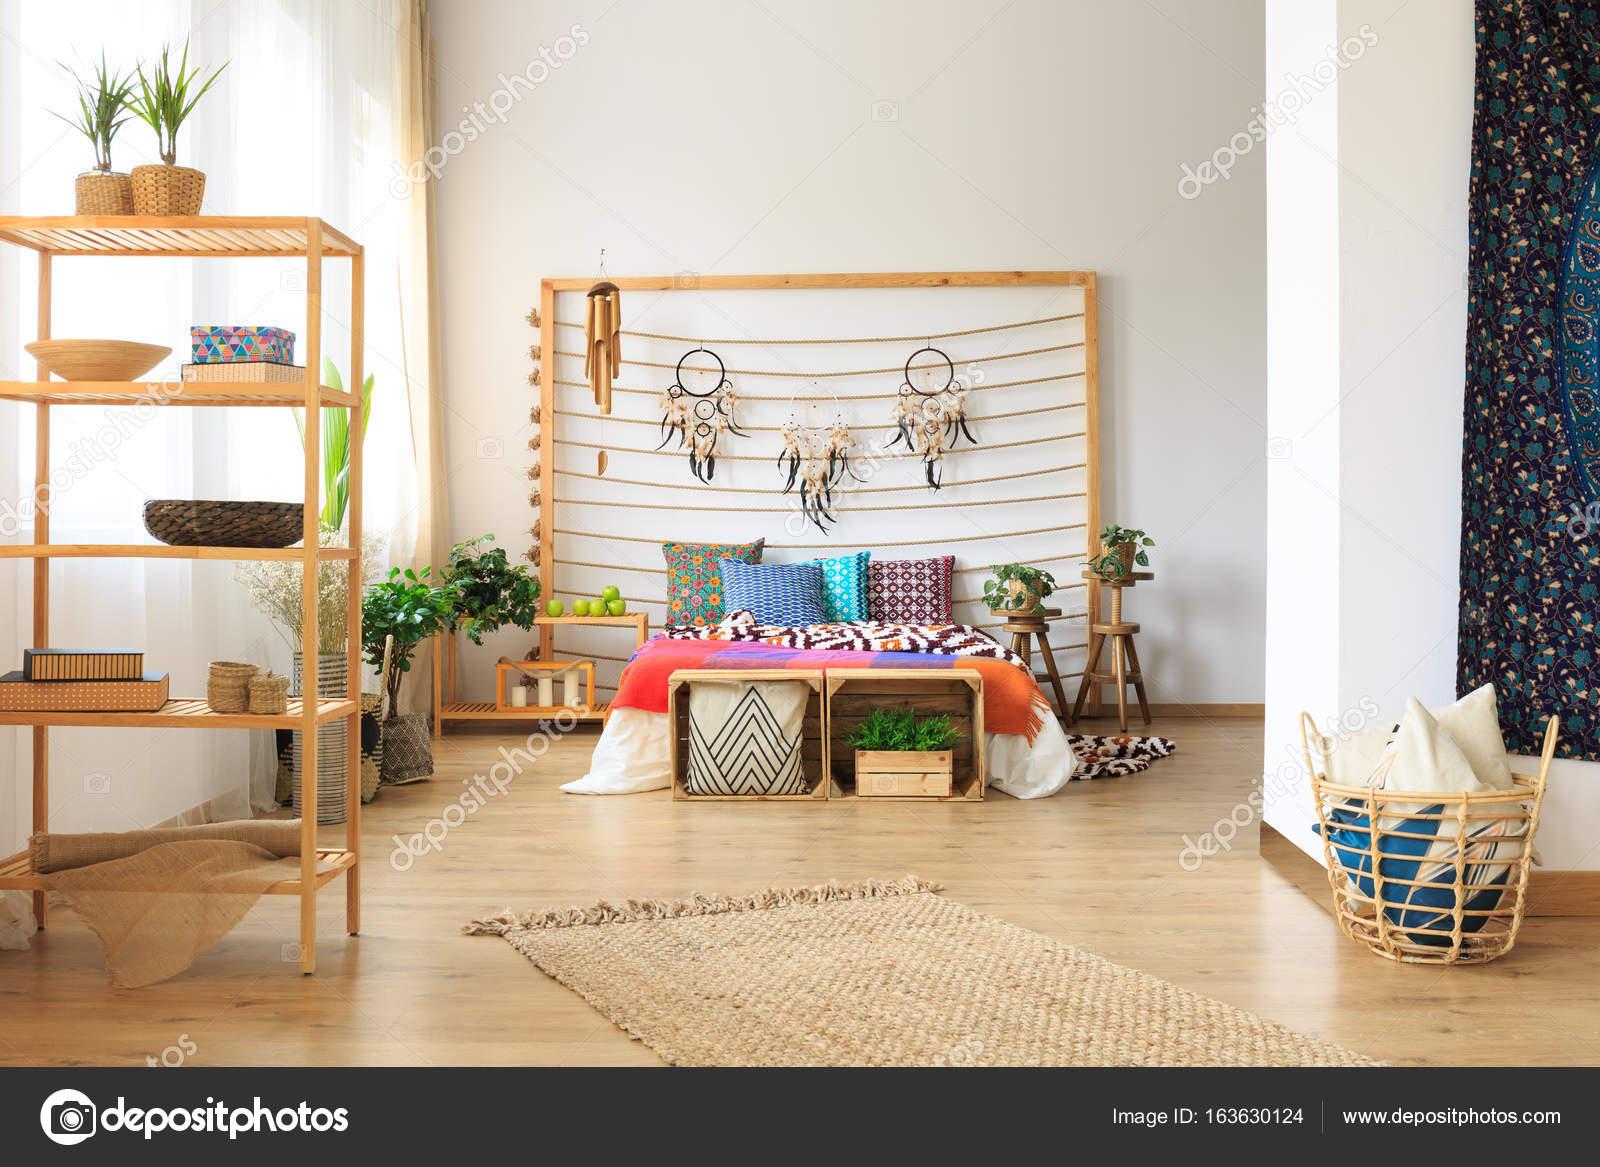 Camera Da Letto Etniche Foto : Camera da letto in appartamento dal design etnico u foto stock